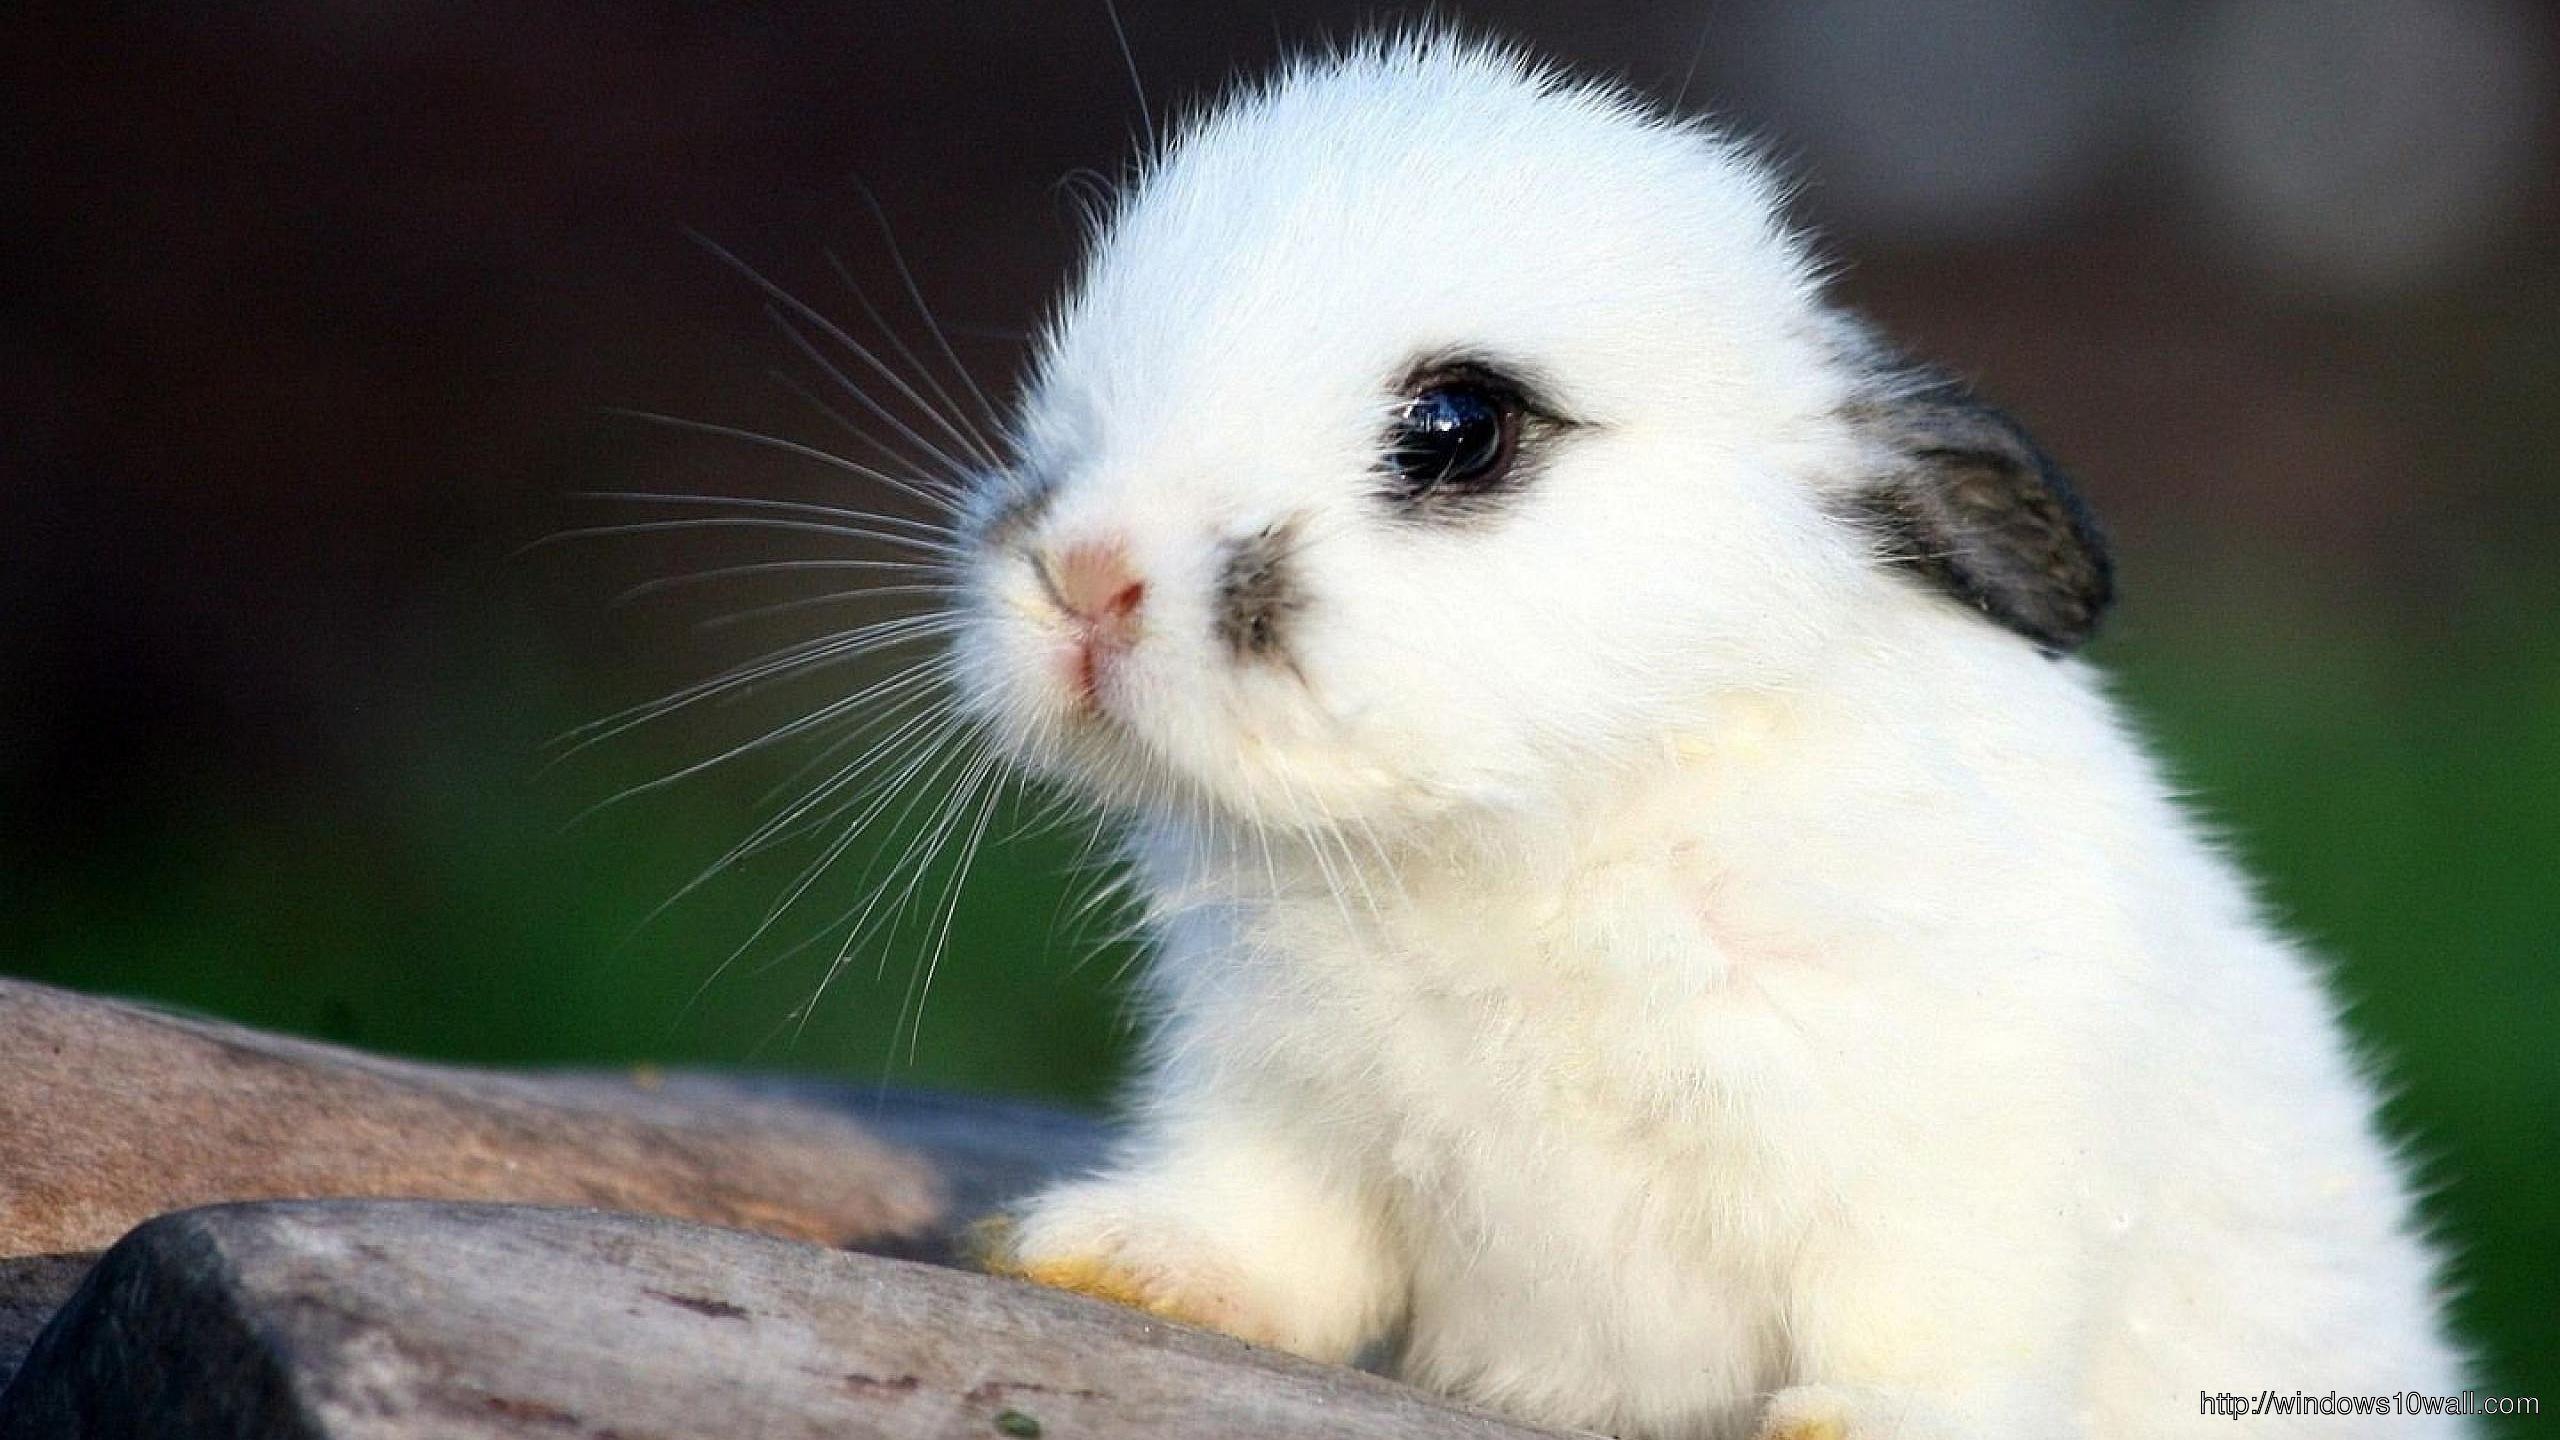 White Bunny Cute Wallpaper